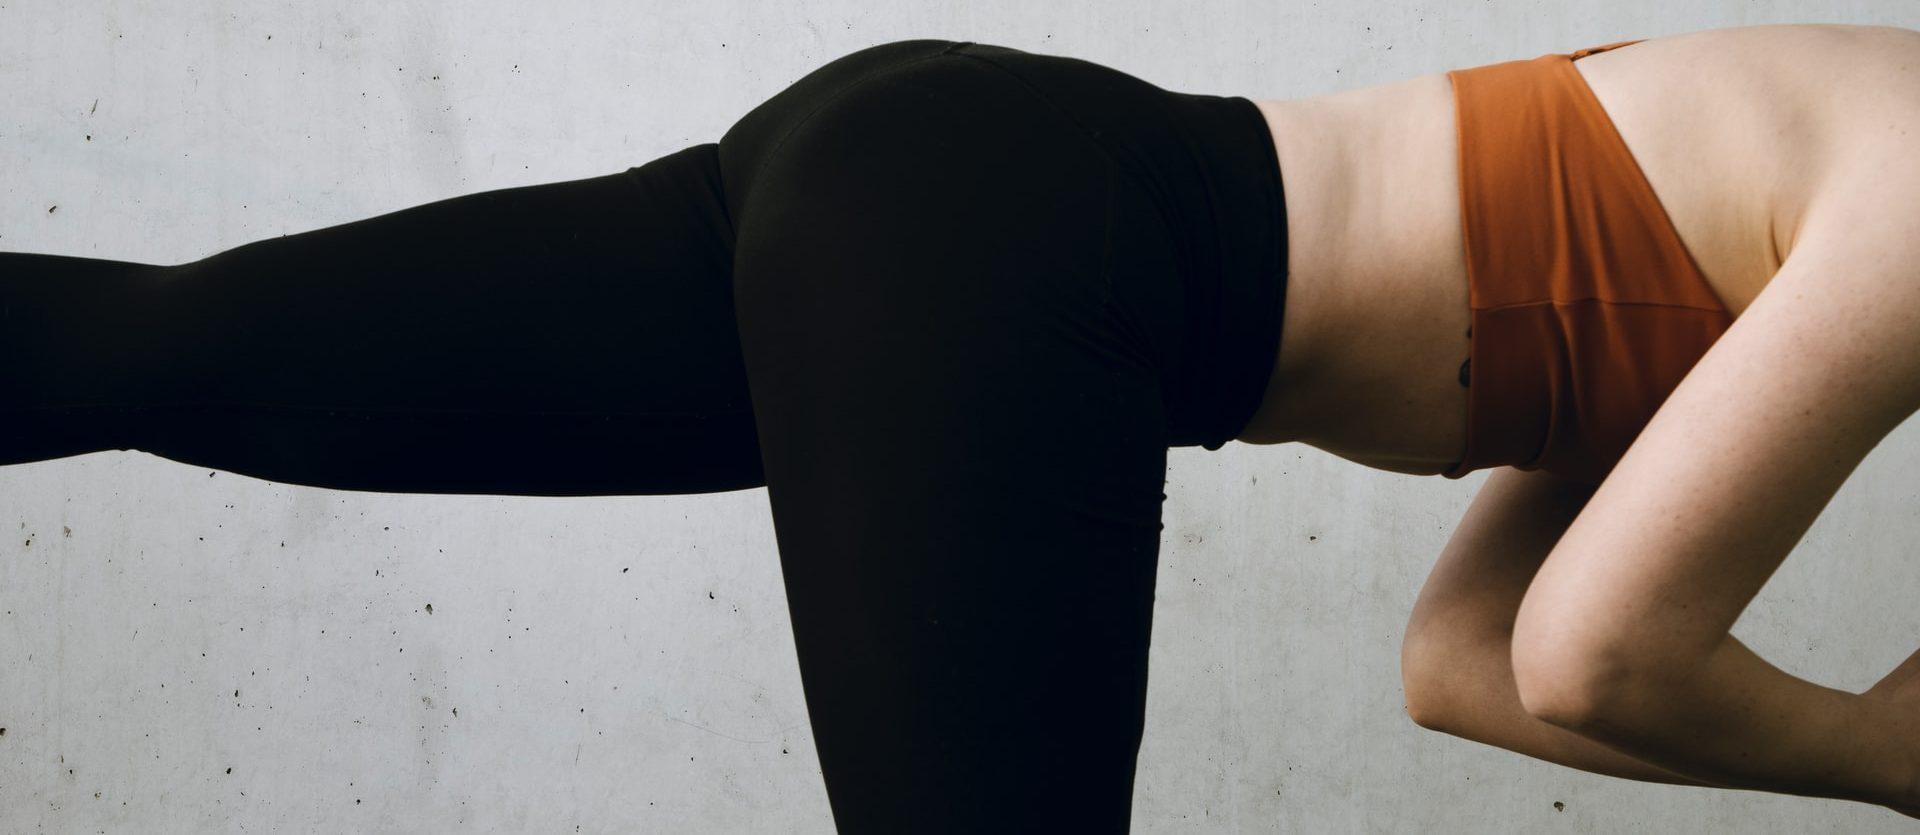 Yoga - balance pose